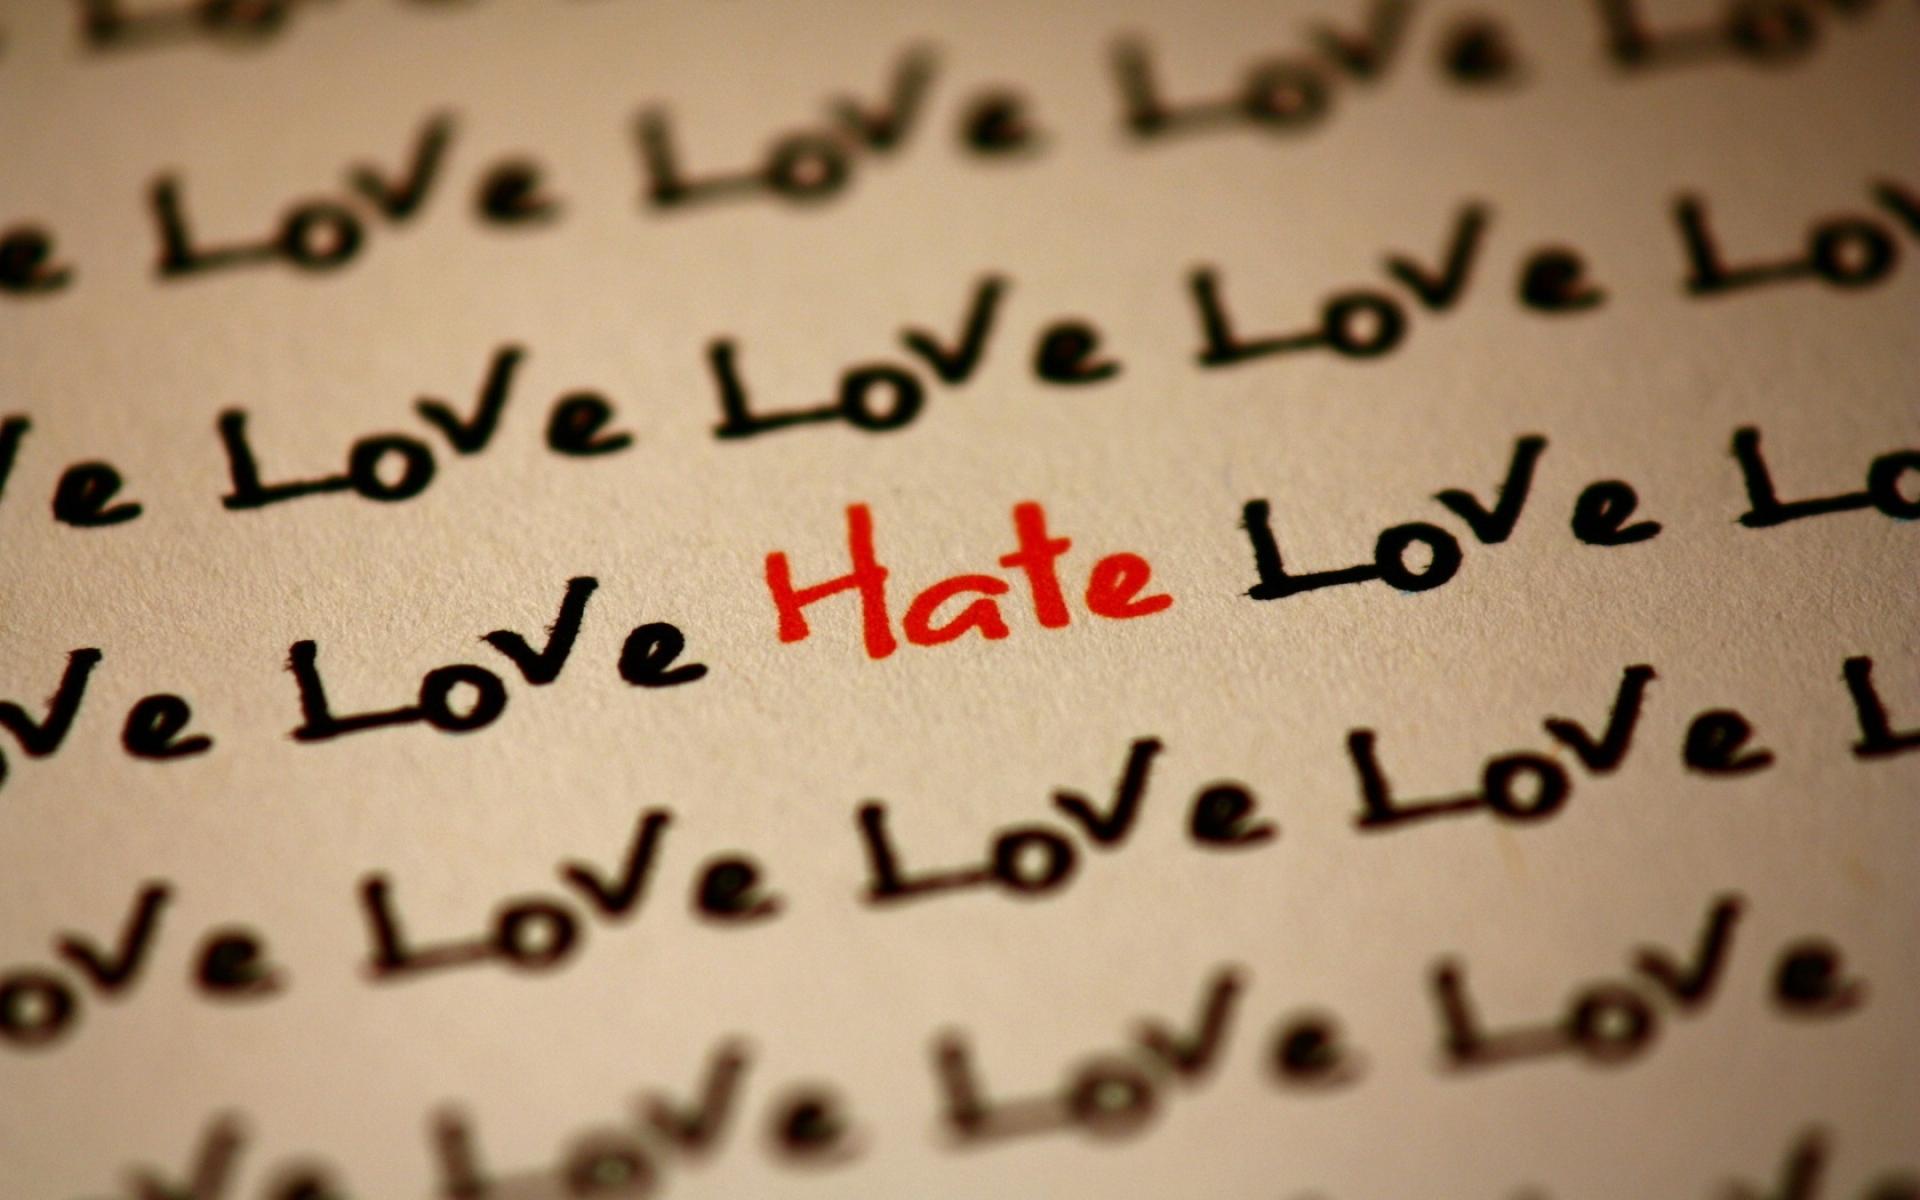 Картинки Надпись, любовь, ненависть, бумага, почерк фото и обои на рабочий стол